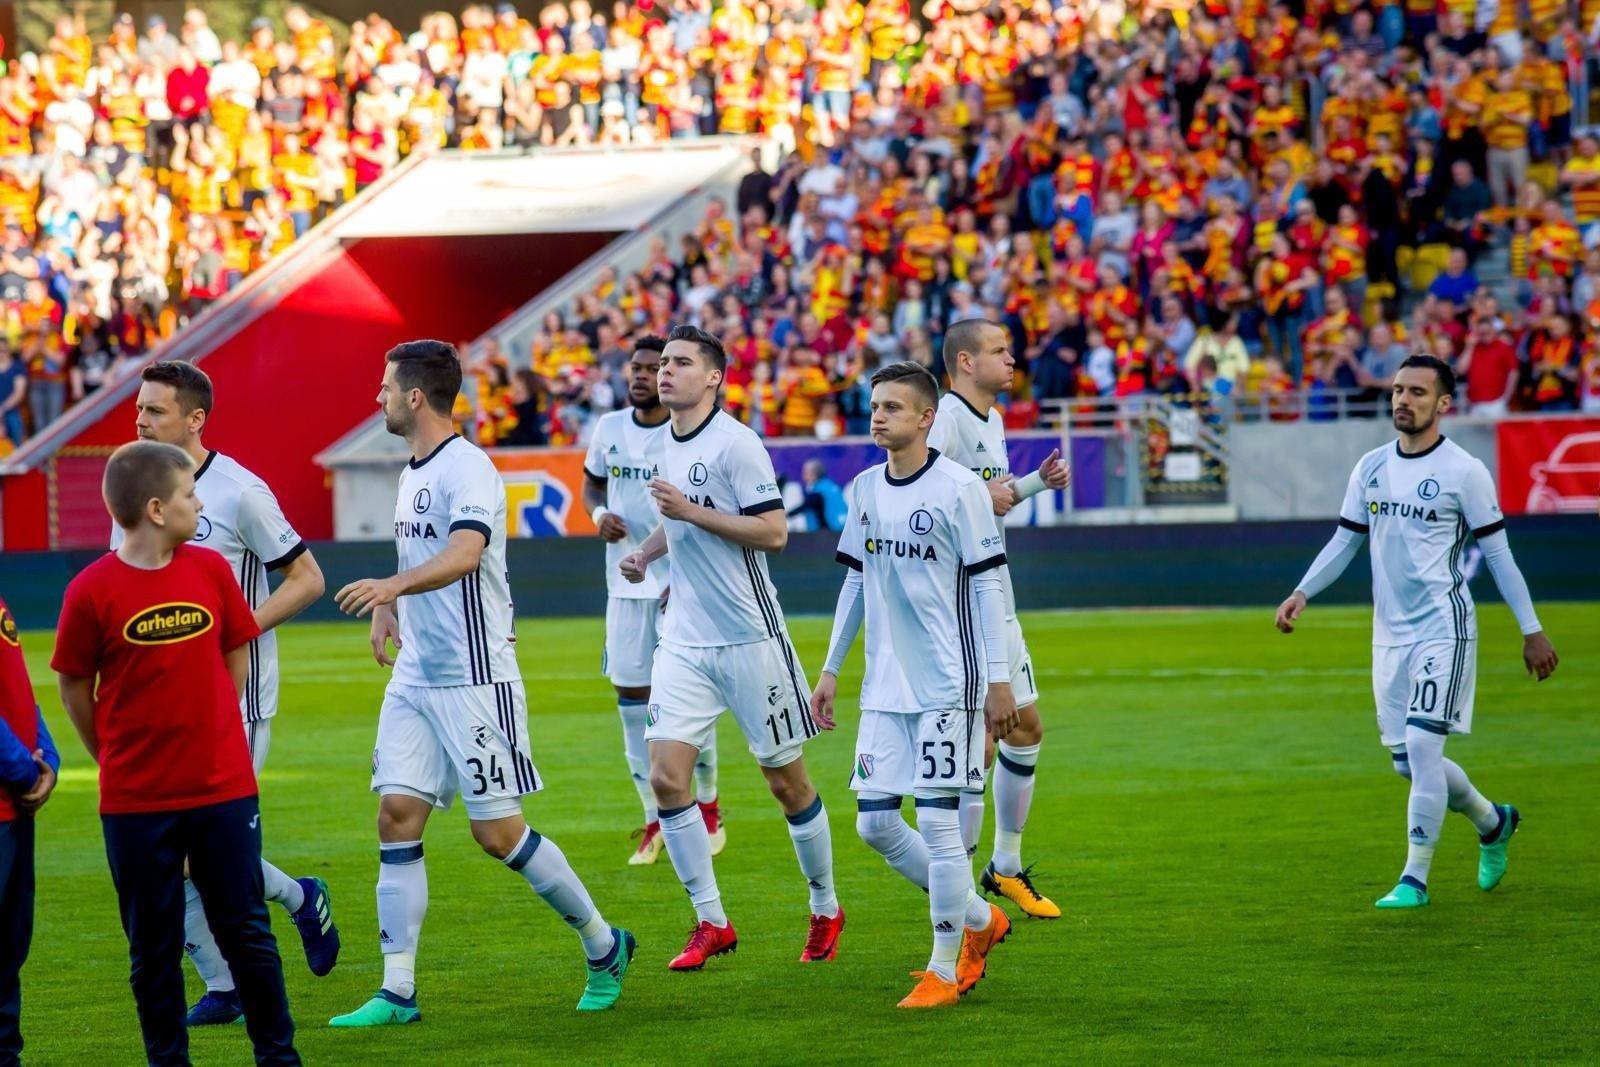 fb2bad490 Komisja Ligi: Legia ukarana, bo piłkarze opóźnili wejście na boisko ...